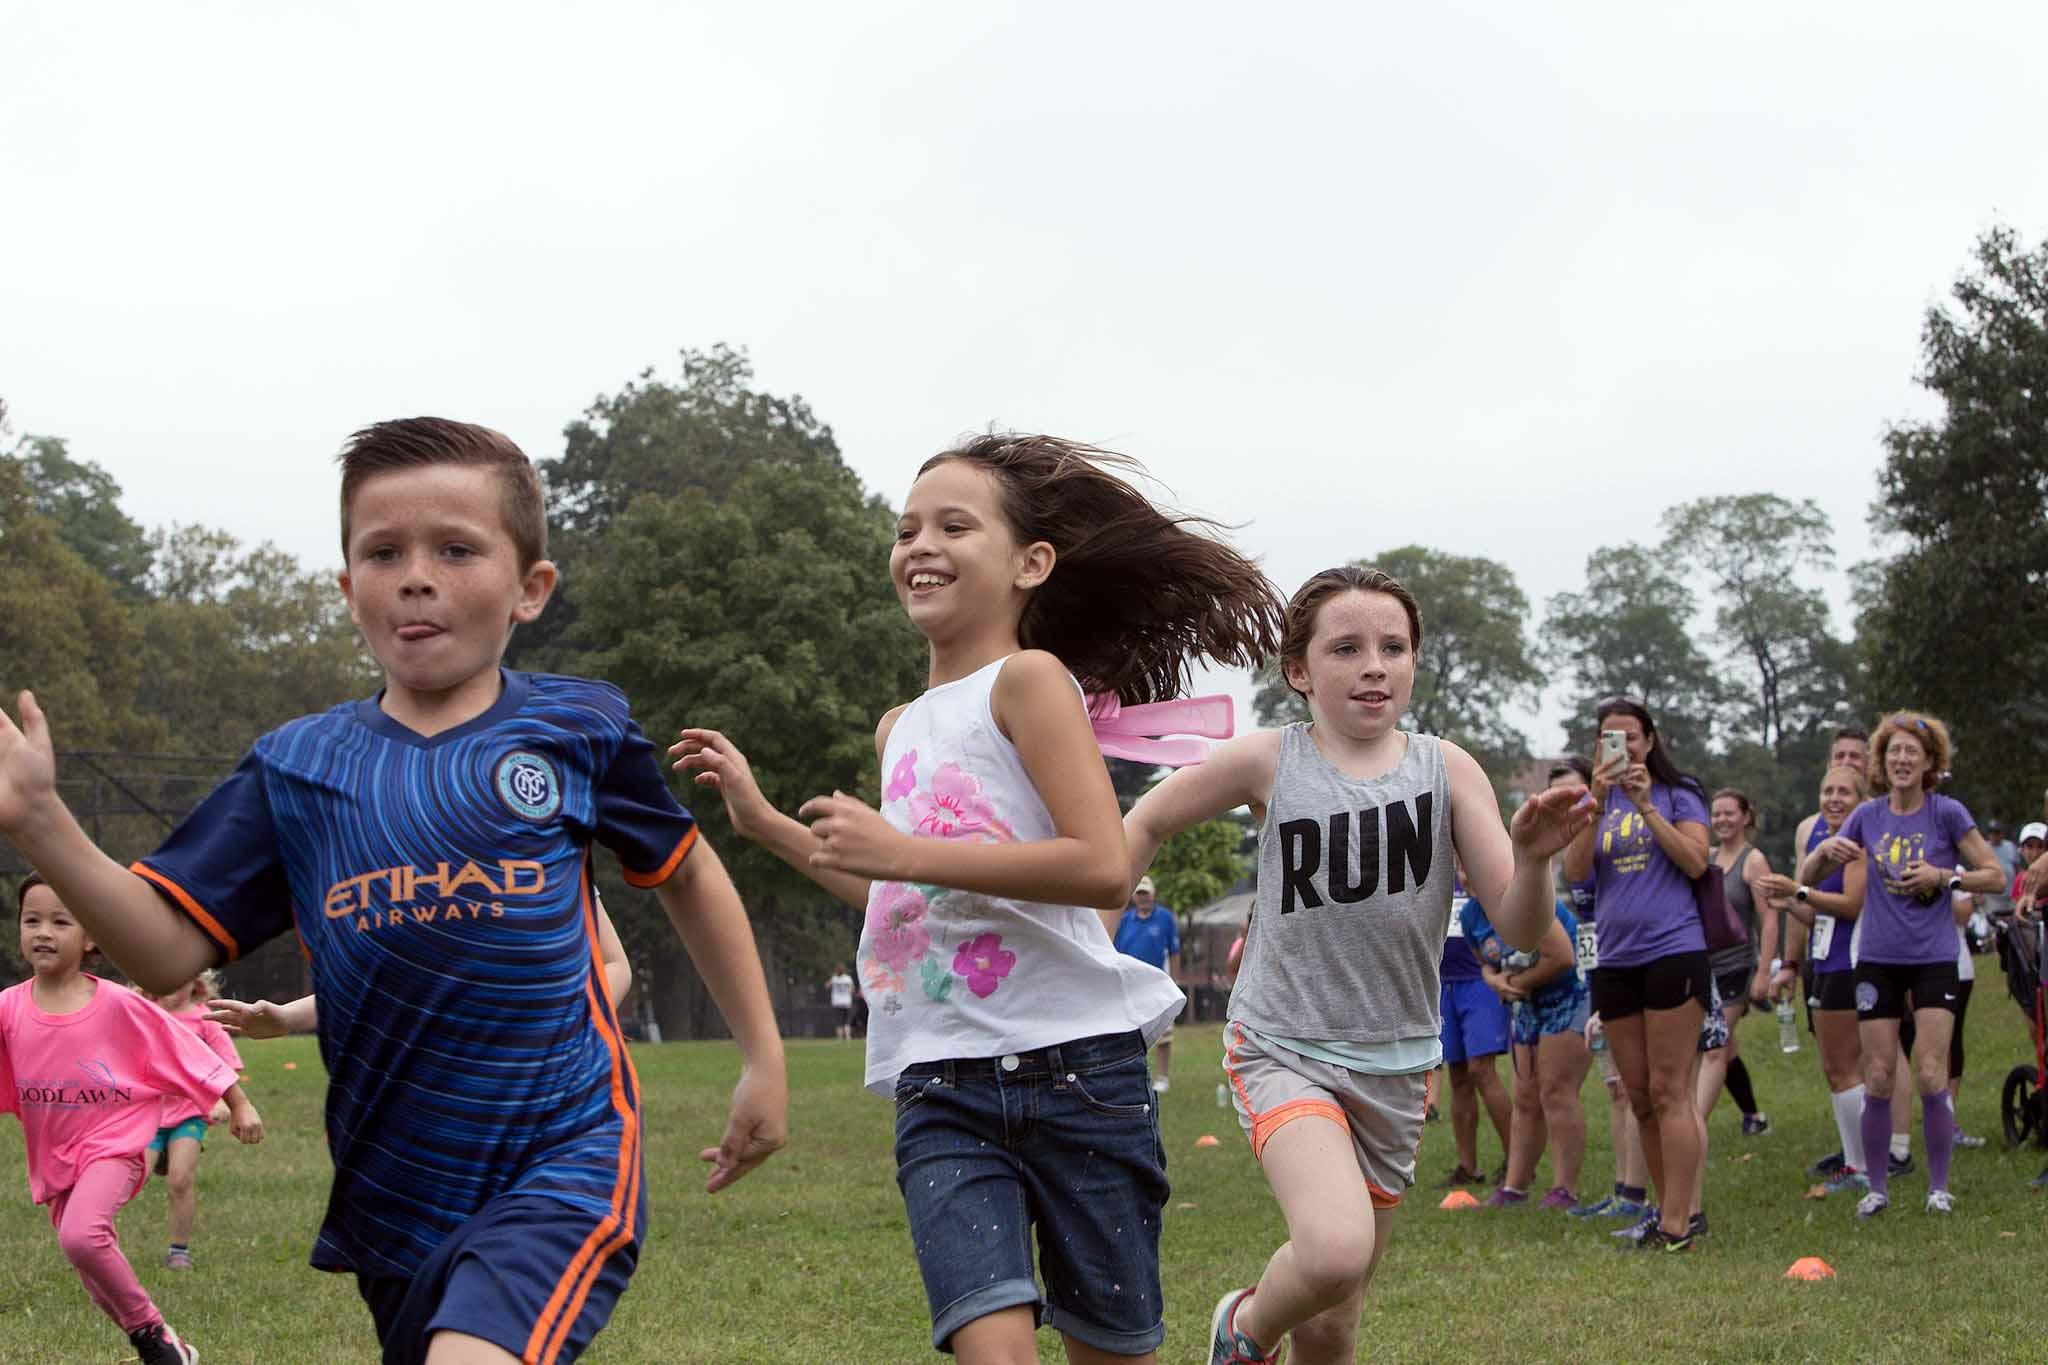 205-Woodlawn Run for a Cause-606.jpg